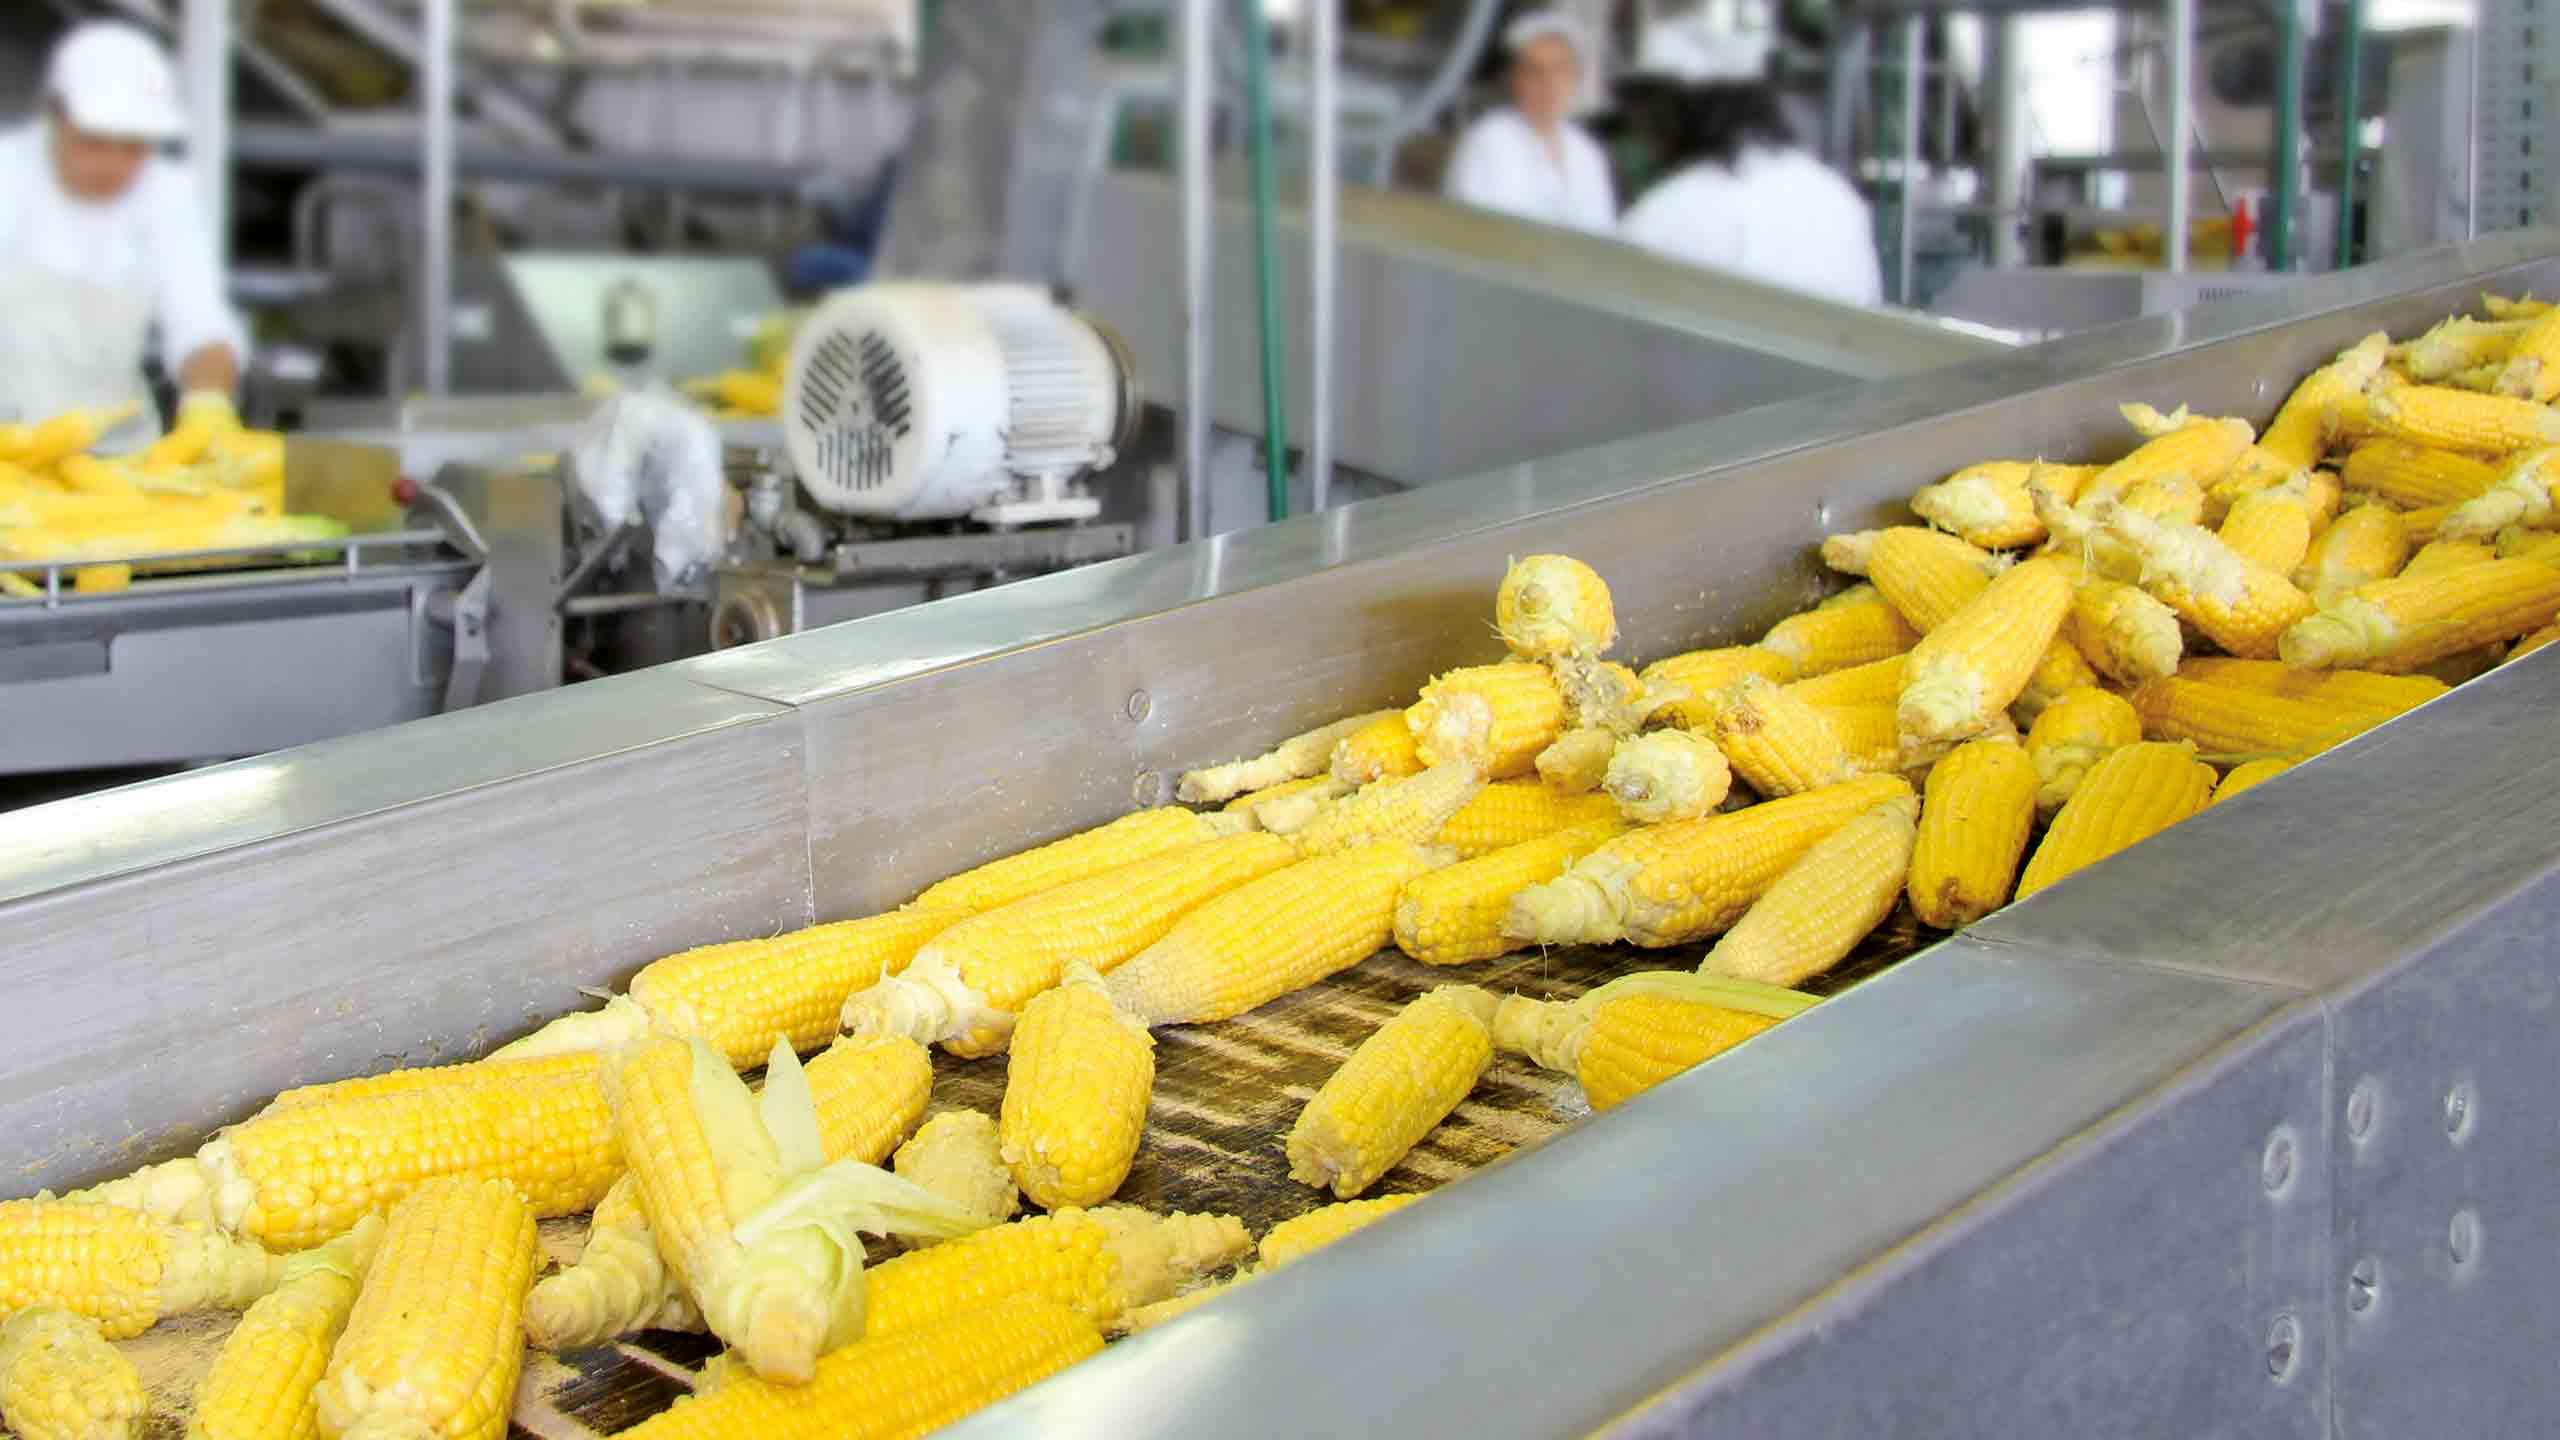 L'impiego dei lubrificanti nell'industria alimentare (2)